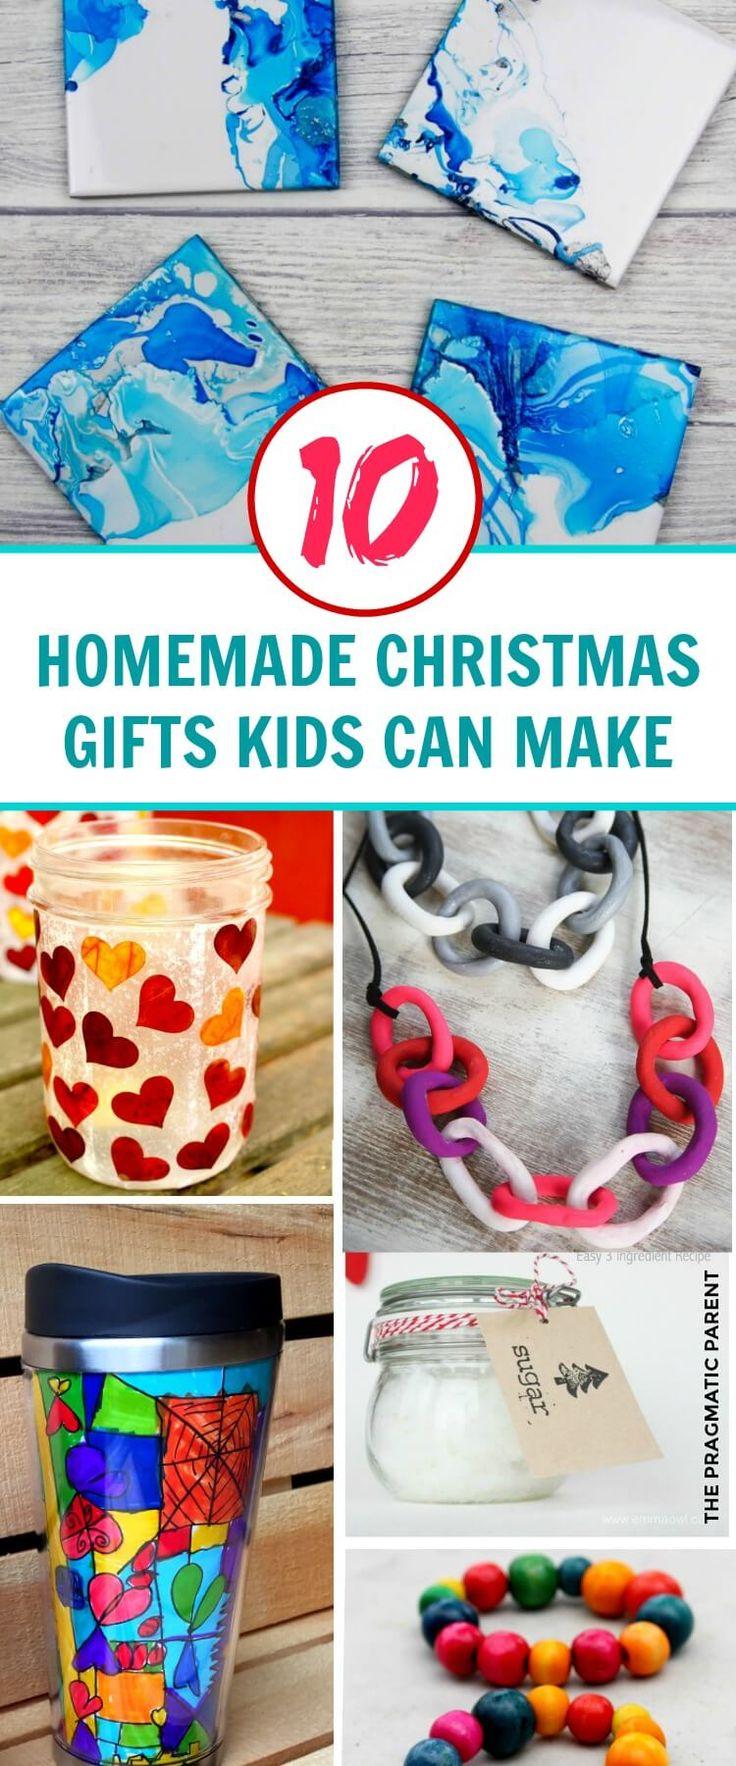 Homemade Christmas Gifts Kids Can Make on their own. Beautiful Christmas Gifts Kids Can Make. Homemade Christmas Gifts. Gifts Kids Can Make at Home. #homemadechristmasgifts #homemadegifts #christmasgiftskidscanmake